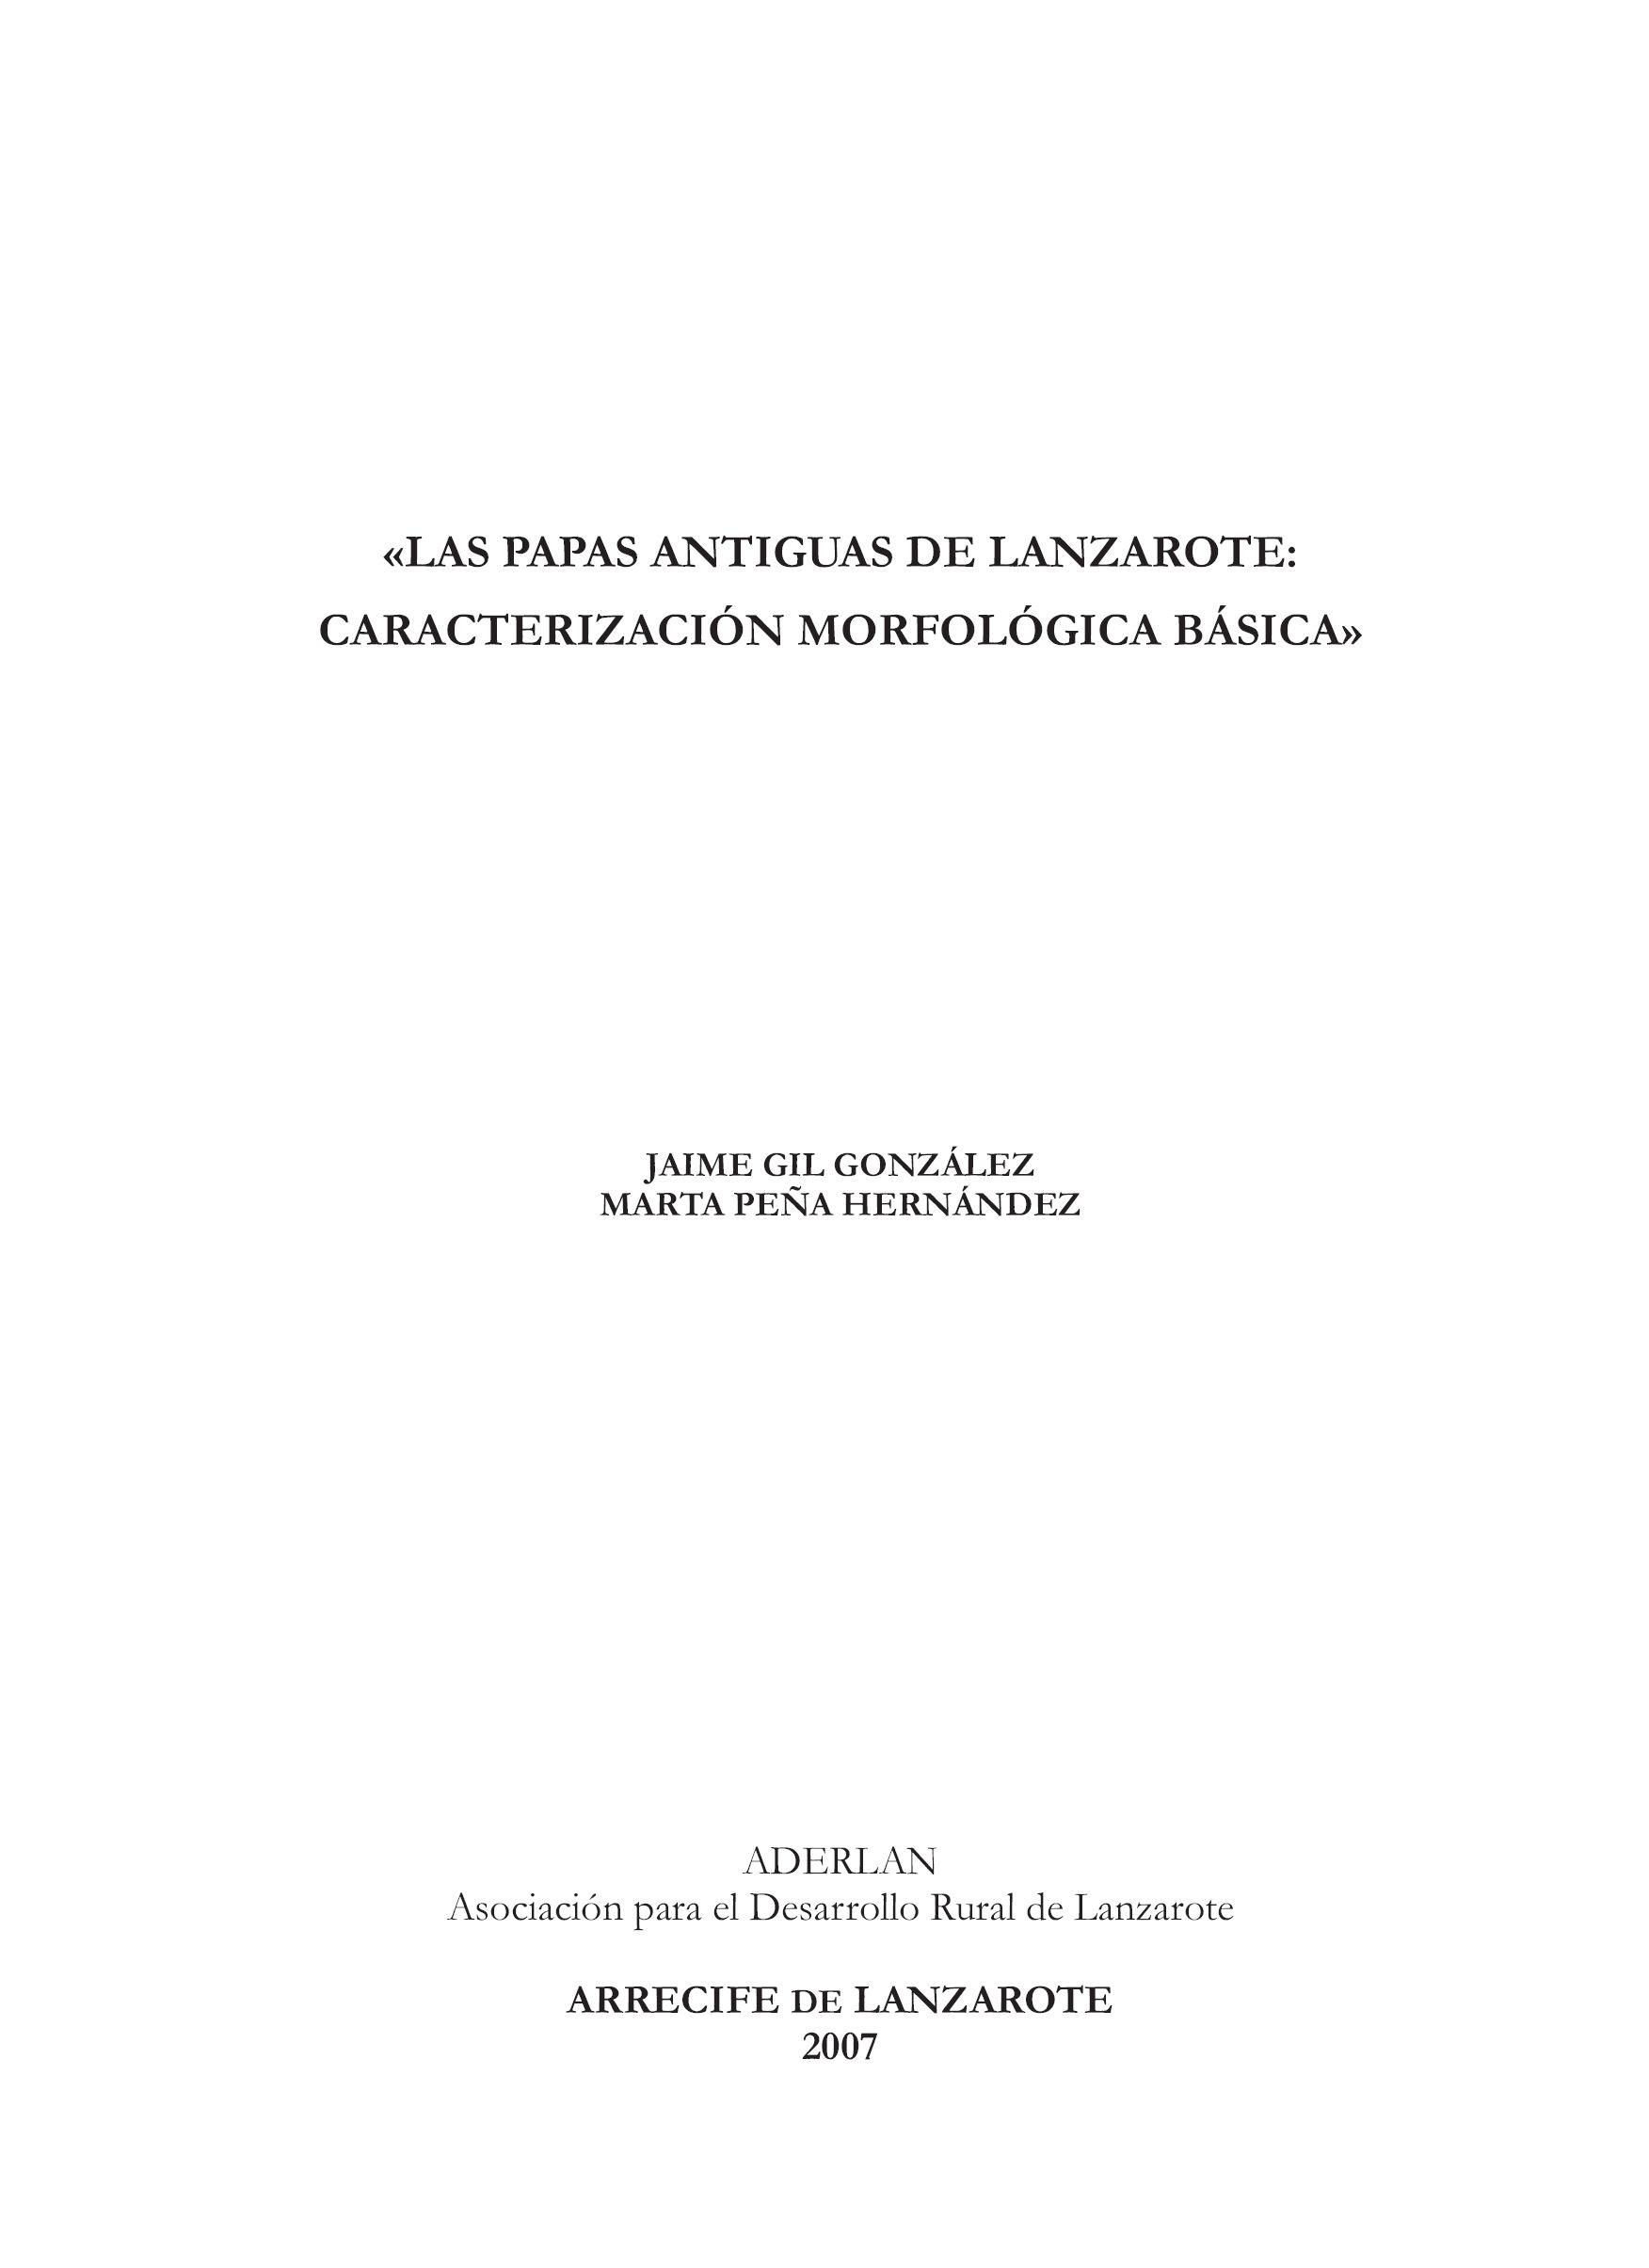 Las papas antiguas de Lanzarote: caracterización morfológica básica